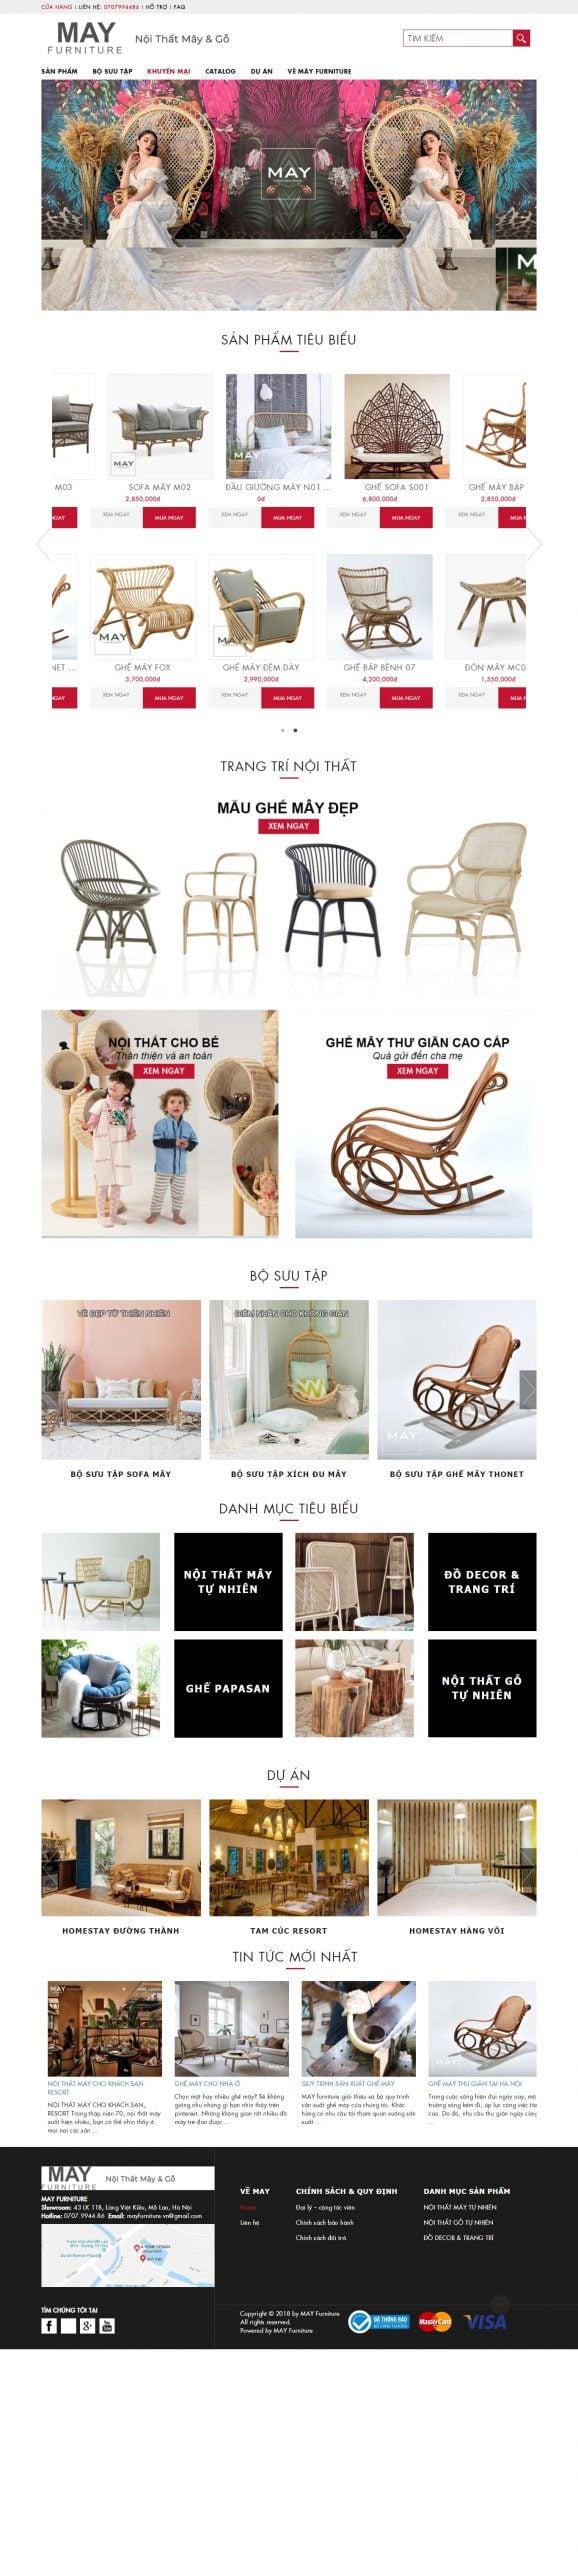 Mẫu thiết kế website bán hàng – mayfurniture.vn MAY Furniture – Nội thất mây và gỗ